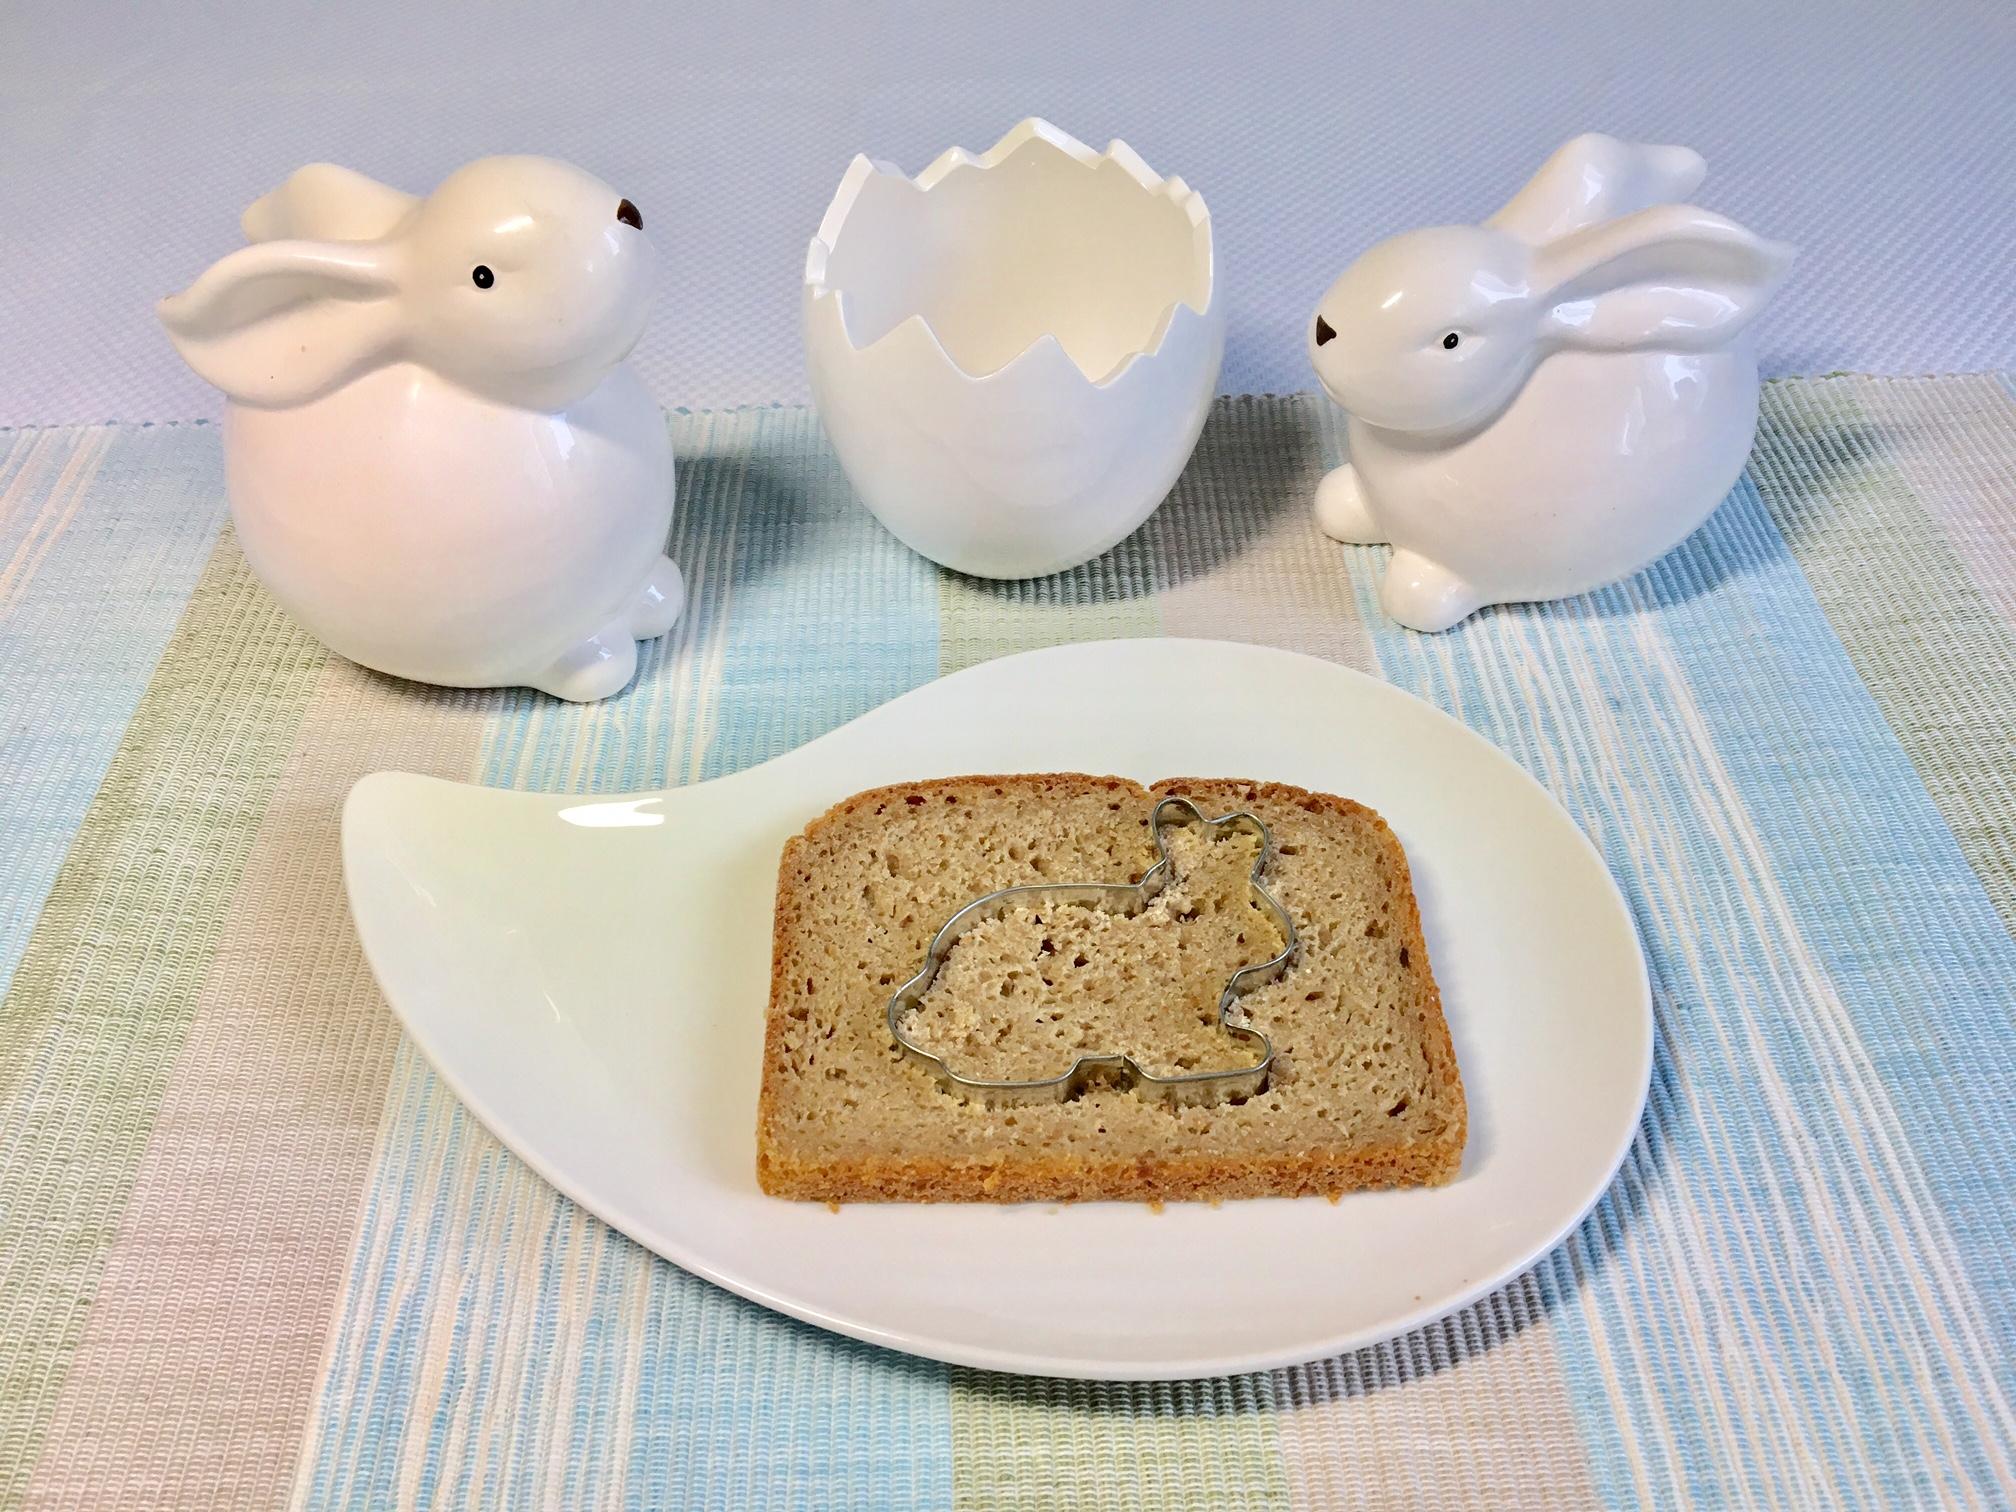 Das helle Brot wird mit einer Hasenform ausgestochen.